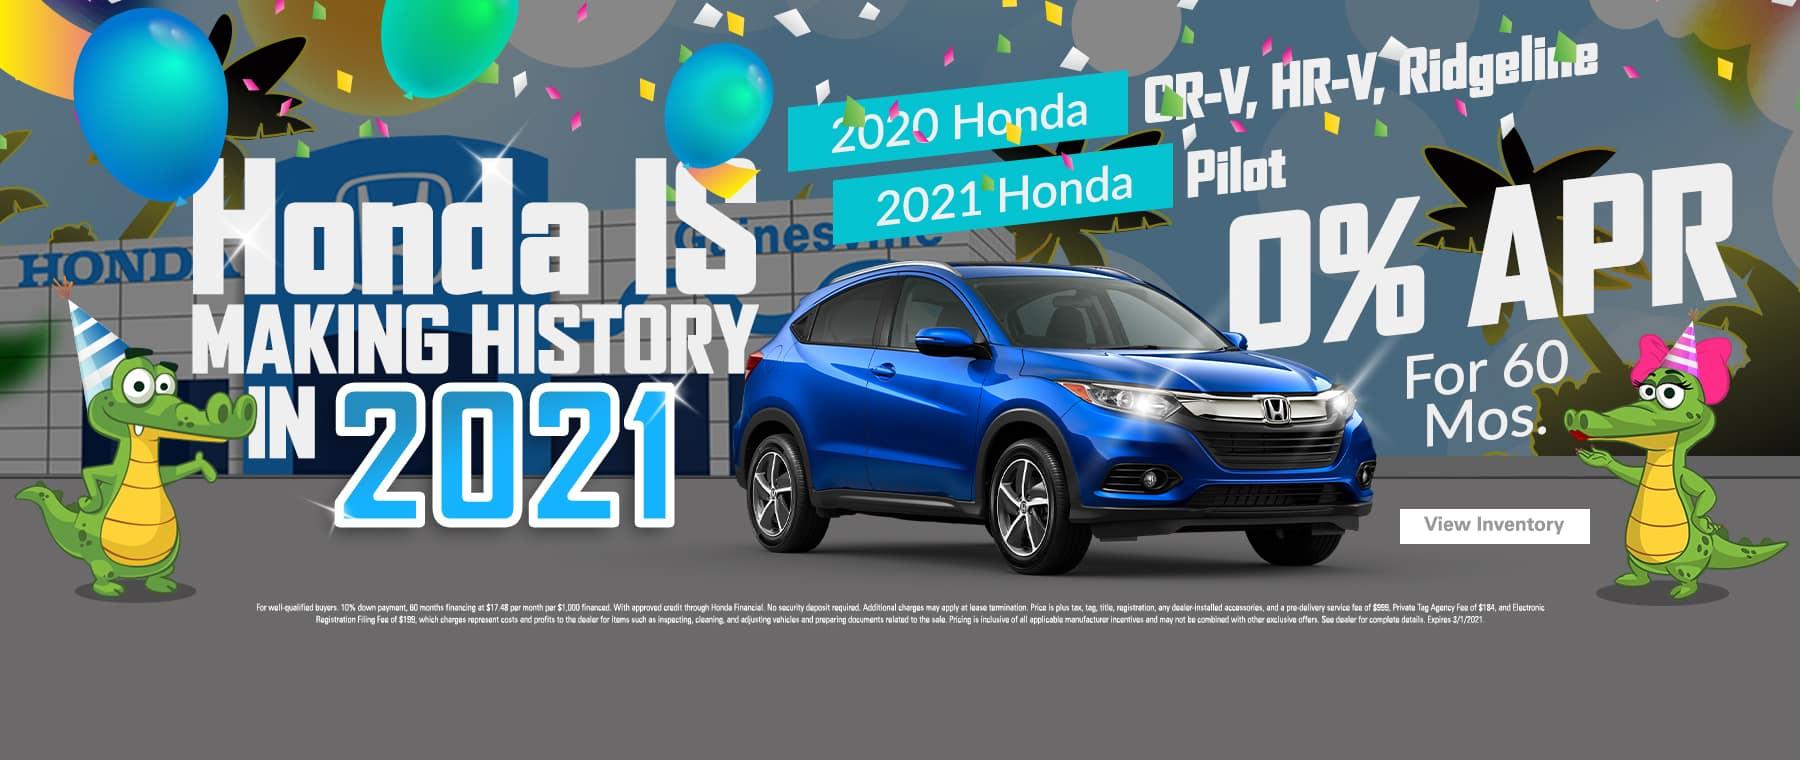 2020 Honda CR-V, HR-V, Ridgeline 2021 Honda Pilot | 0% APR For 60 Months